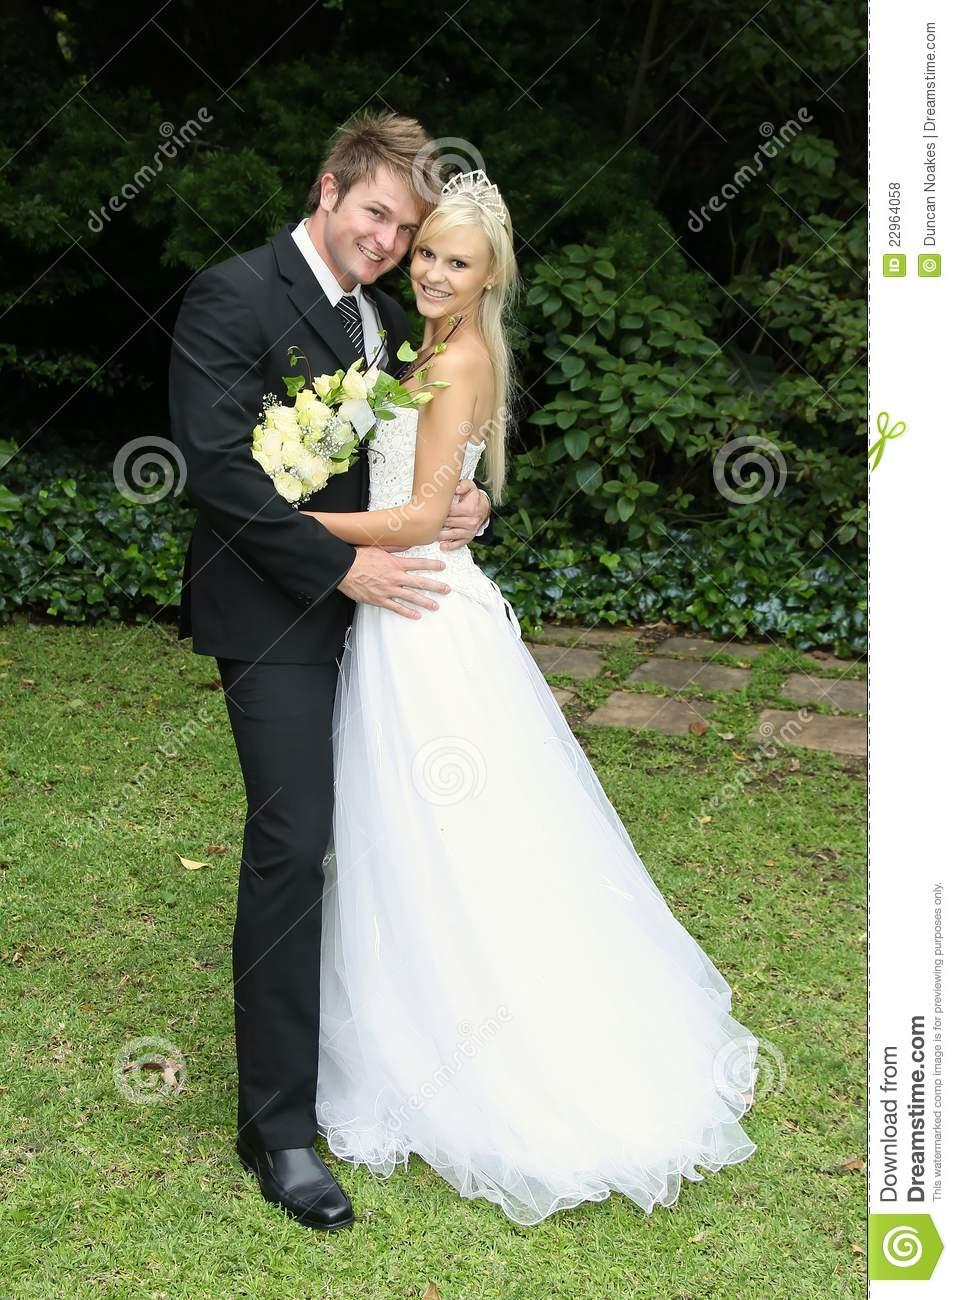 8 Free Wedding Couple Stock Photo Images